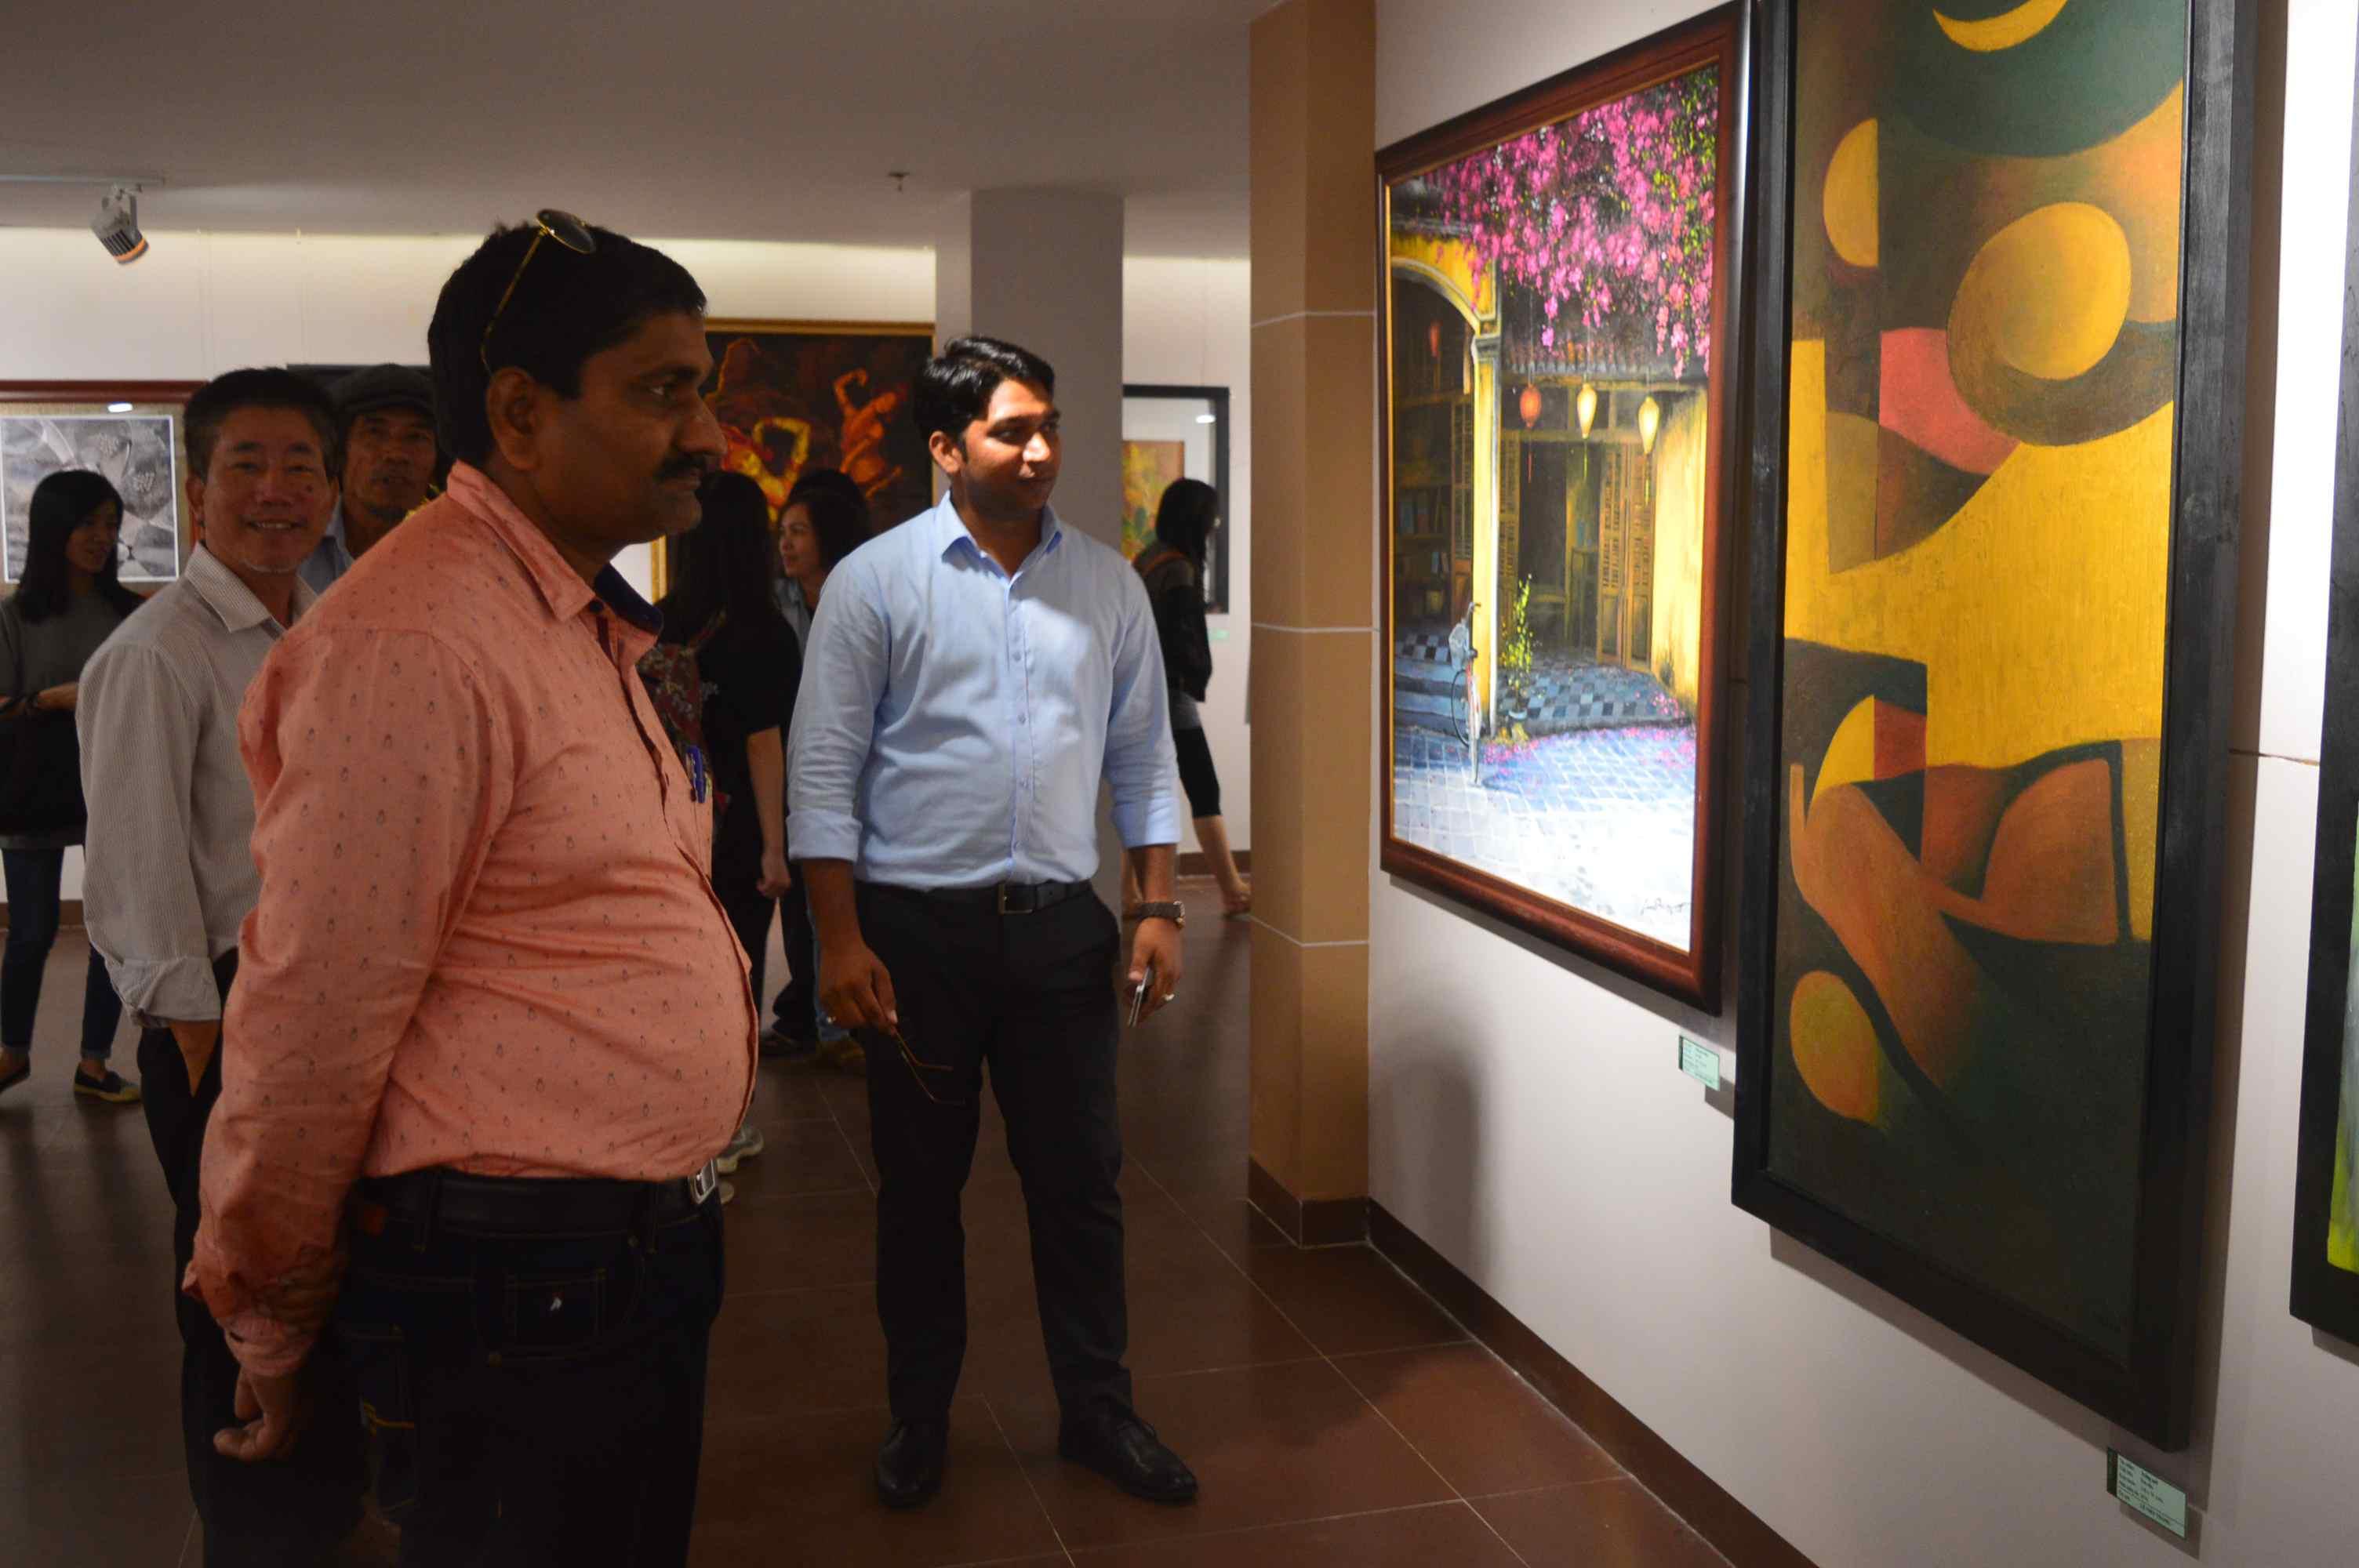 Nhóm chuyên gia Ấn Độ đang làm công tác trùng tu tại khu đền tháp Mỹ Sơn cũng có mặt tham quan tại triển lãm. Ảnh: Q.T